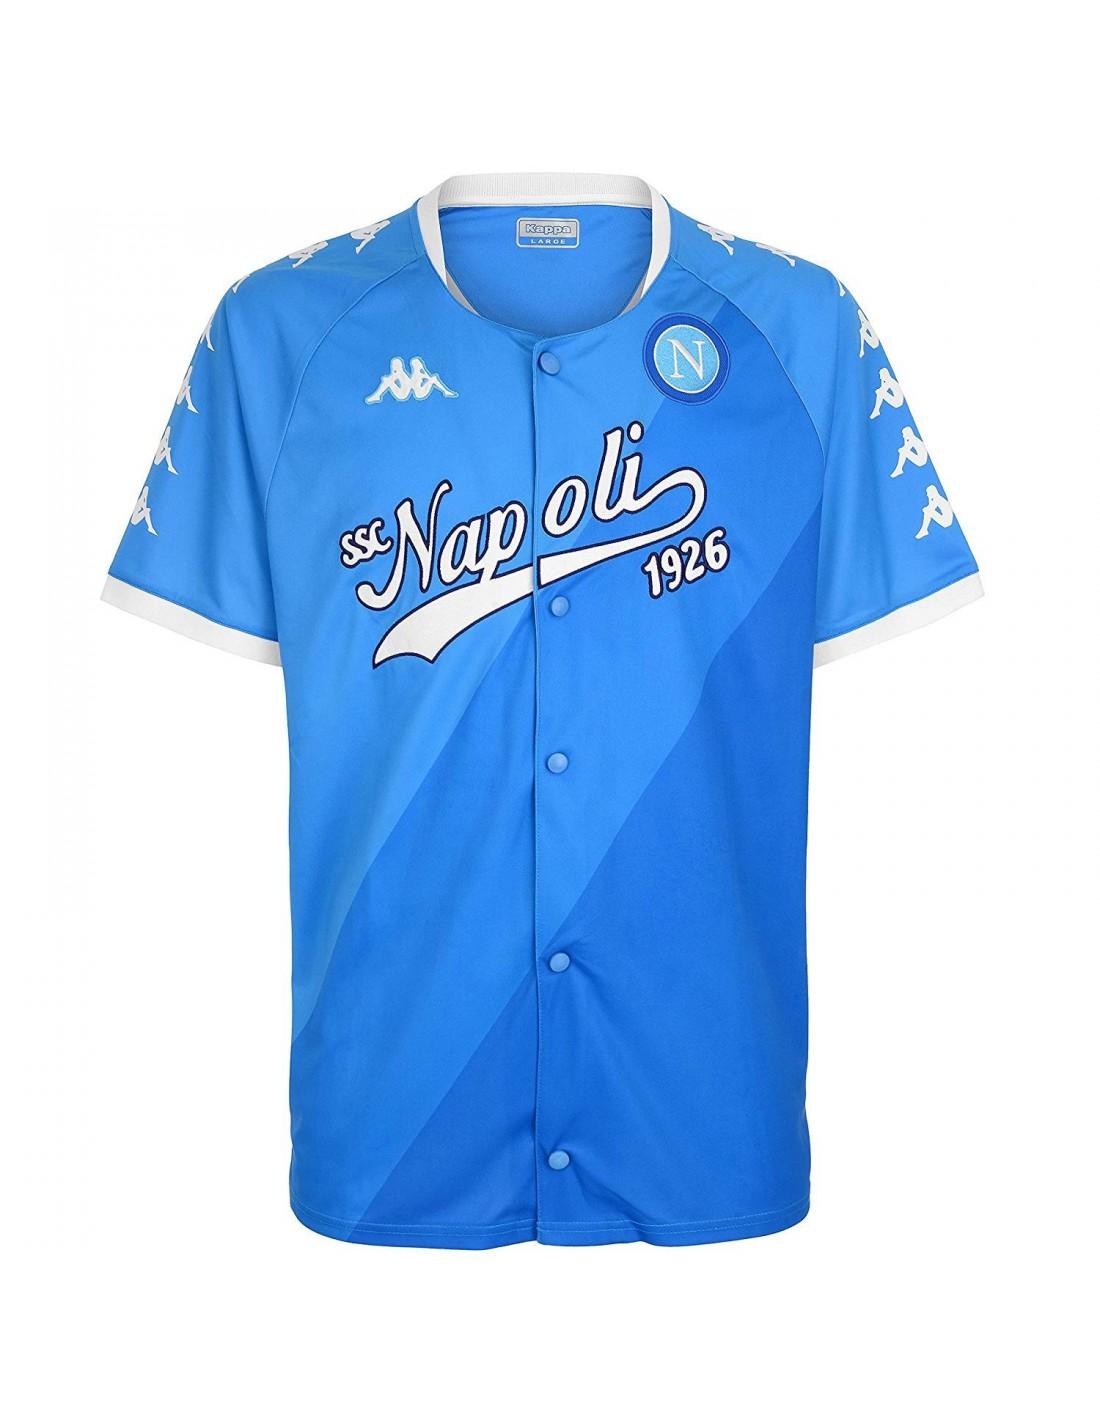 1926 SSC Napoli Maglietta Fan Shop Magliette e Top bepco.ee